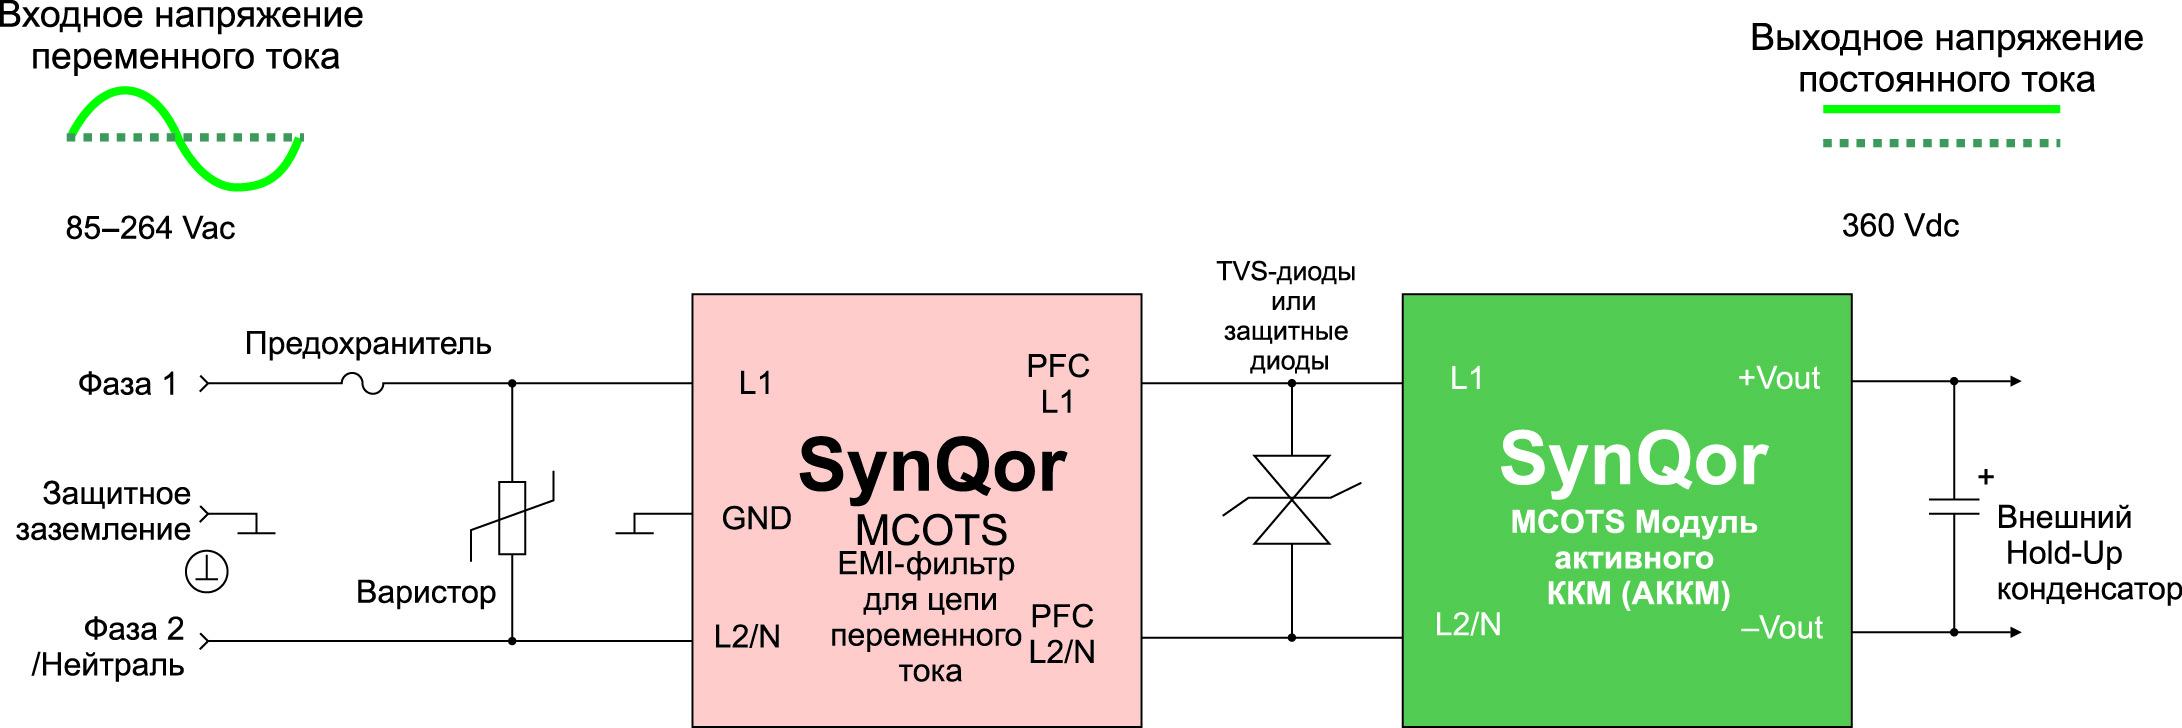 Схема включения ККМ PFCQor от SynQor